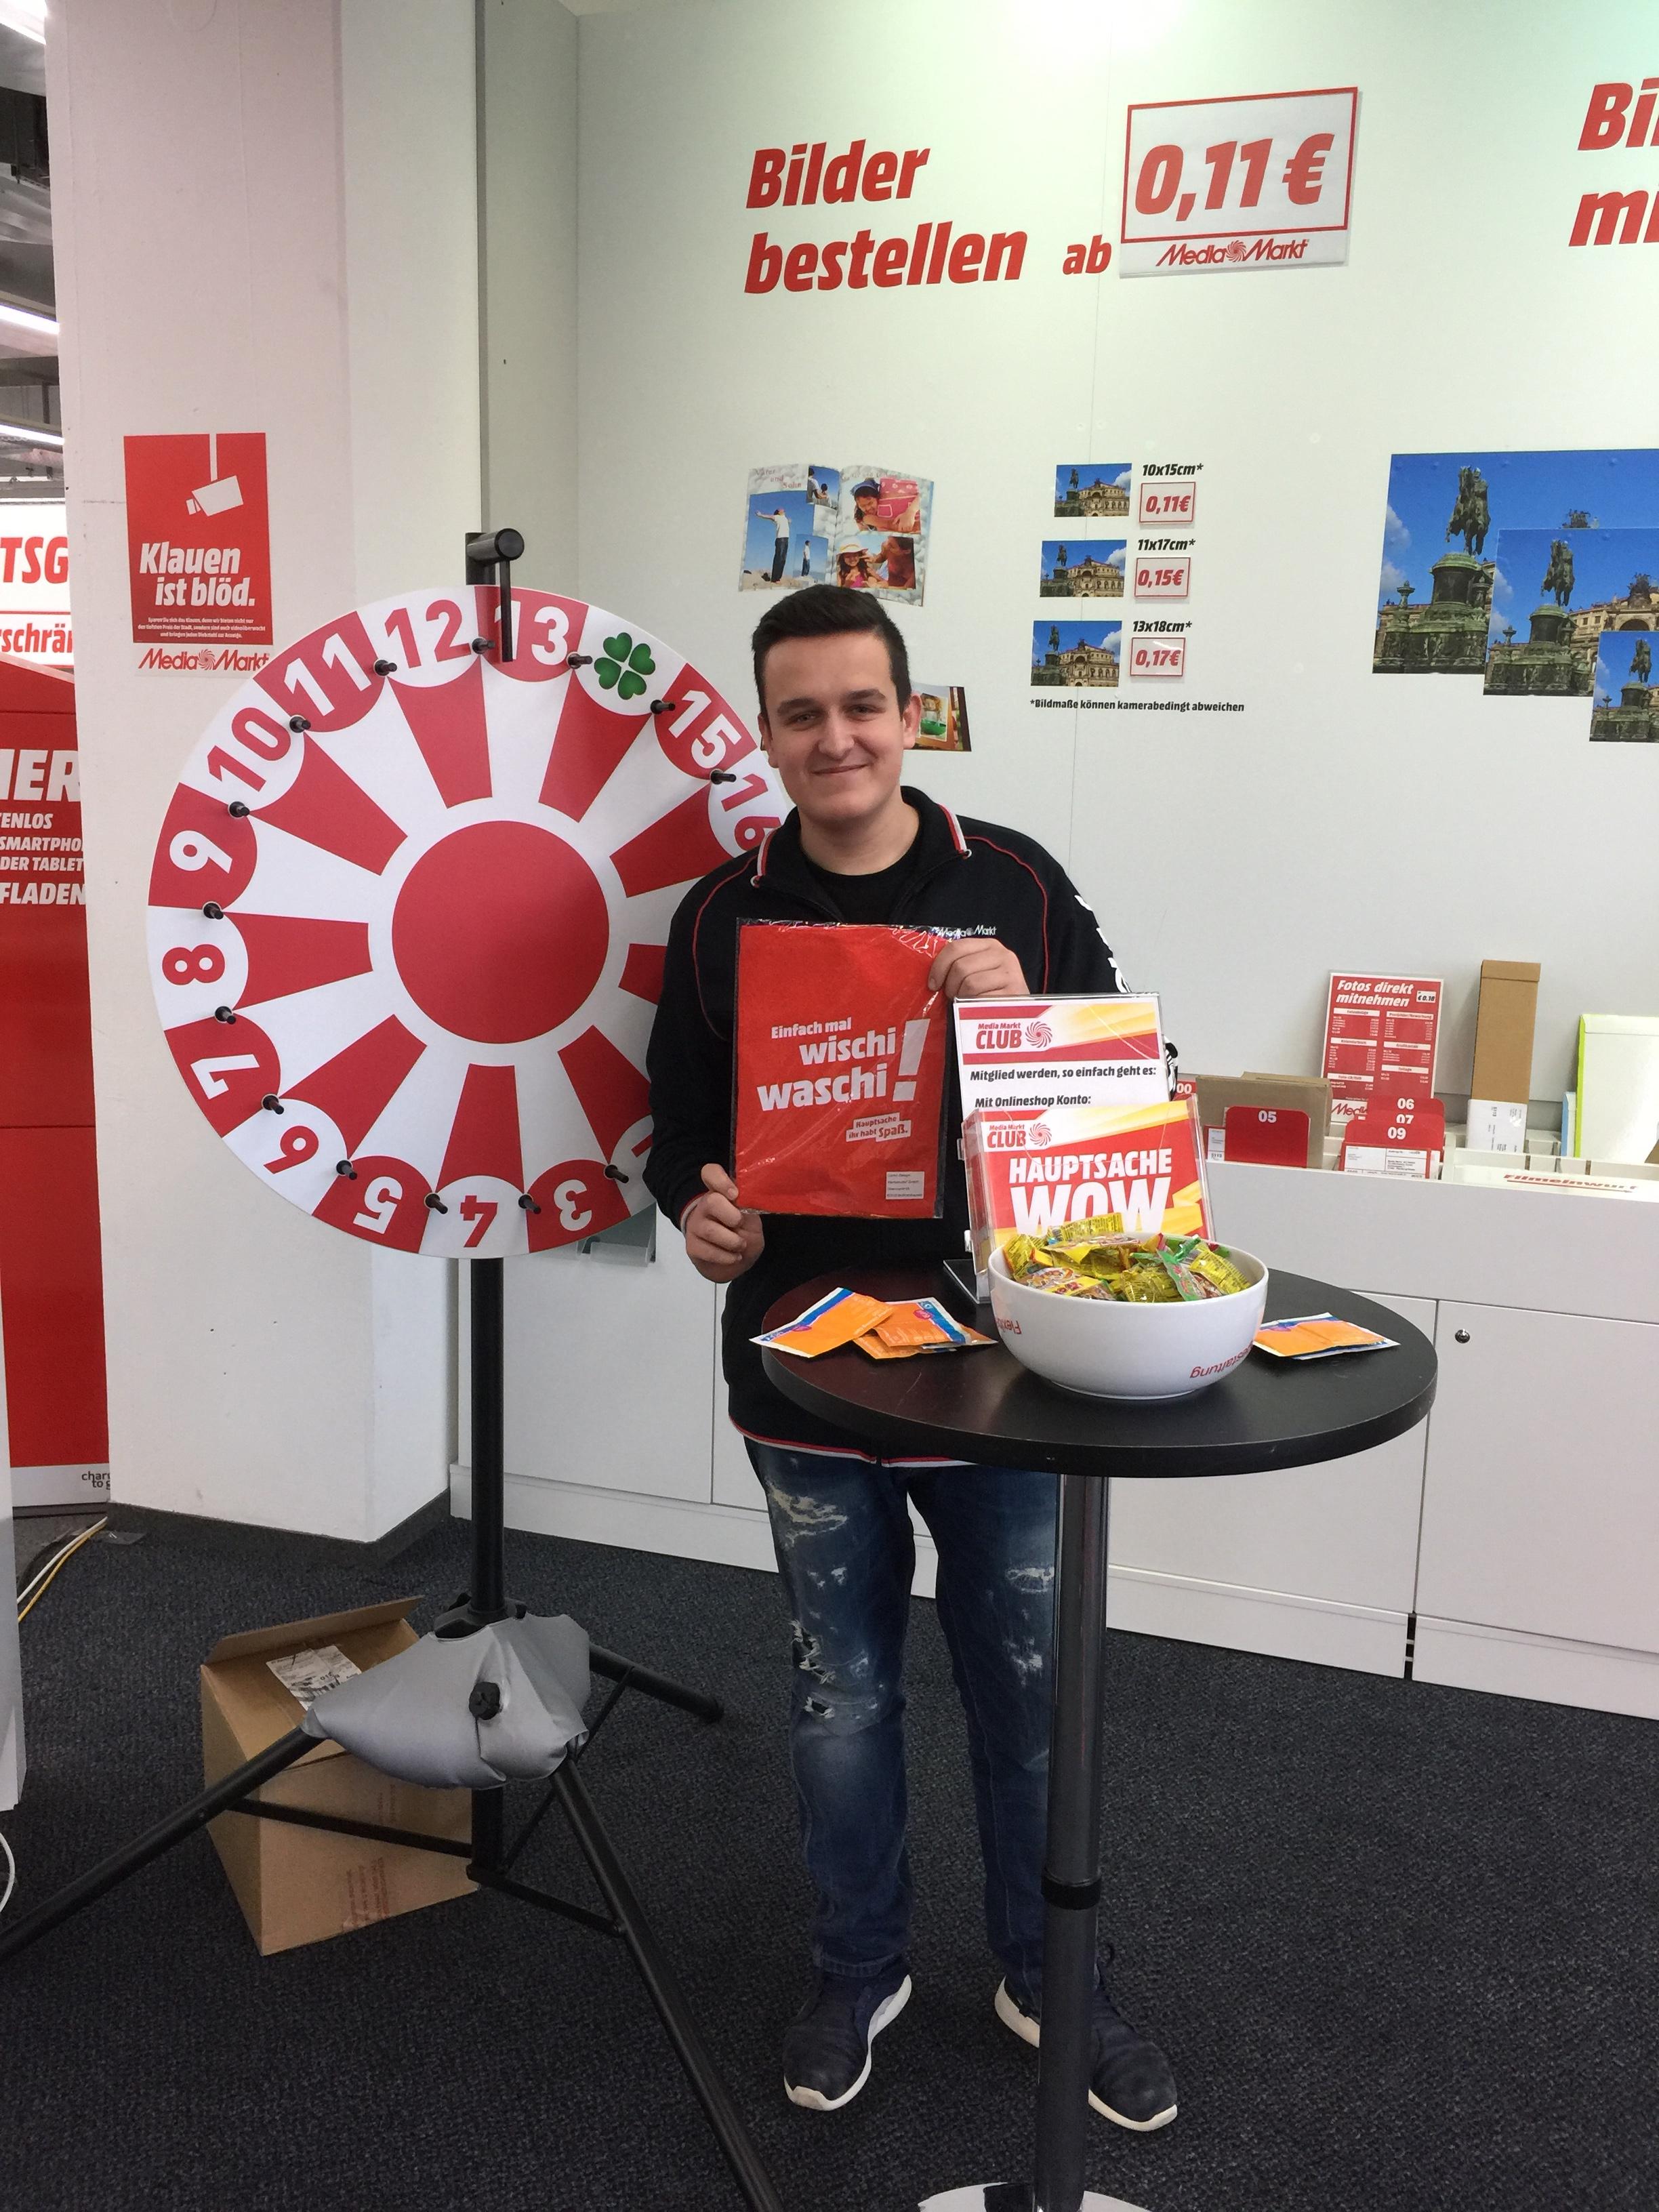 Media Markt Nienburg Zeugnis Aktion jede 1 2€ und jede 2 1€